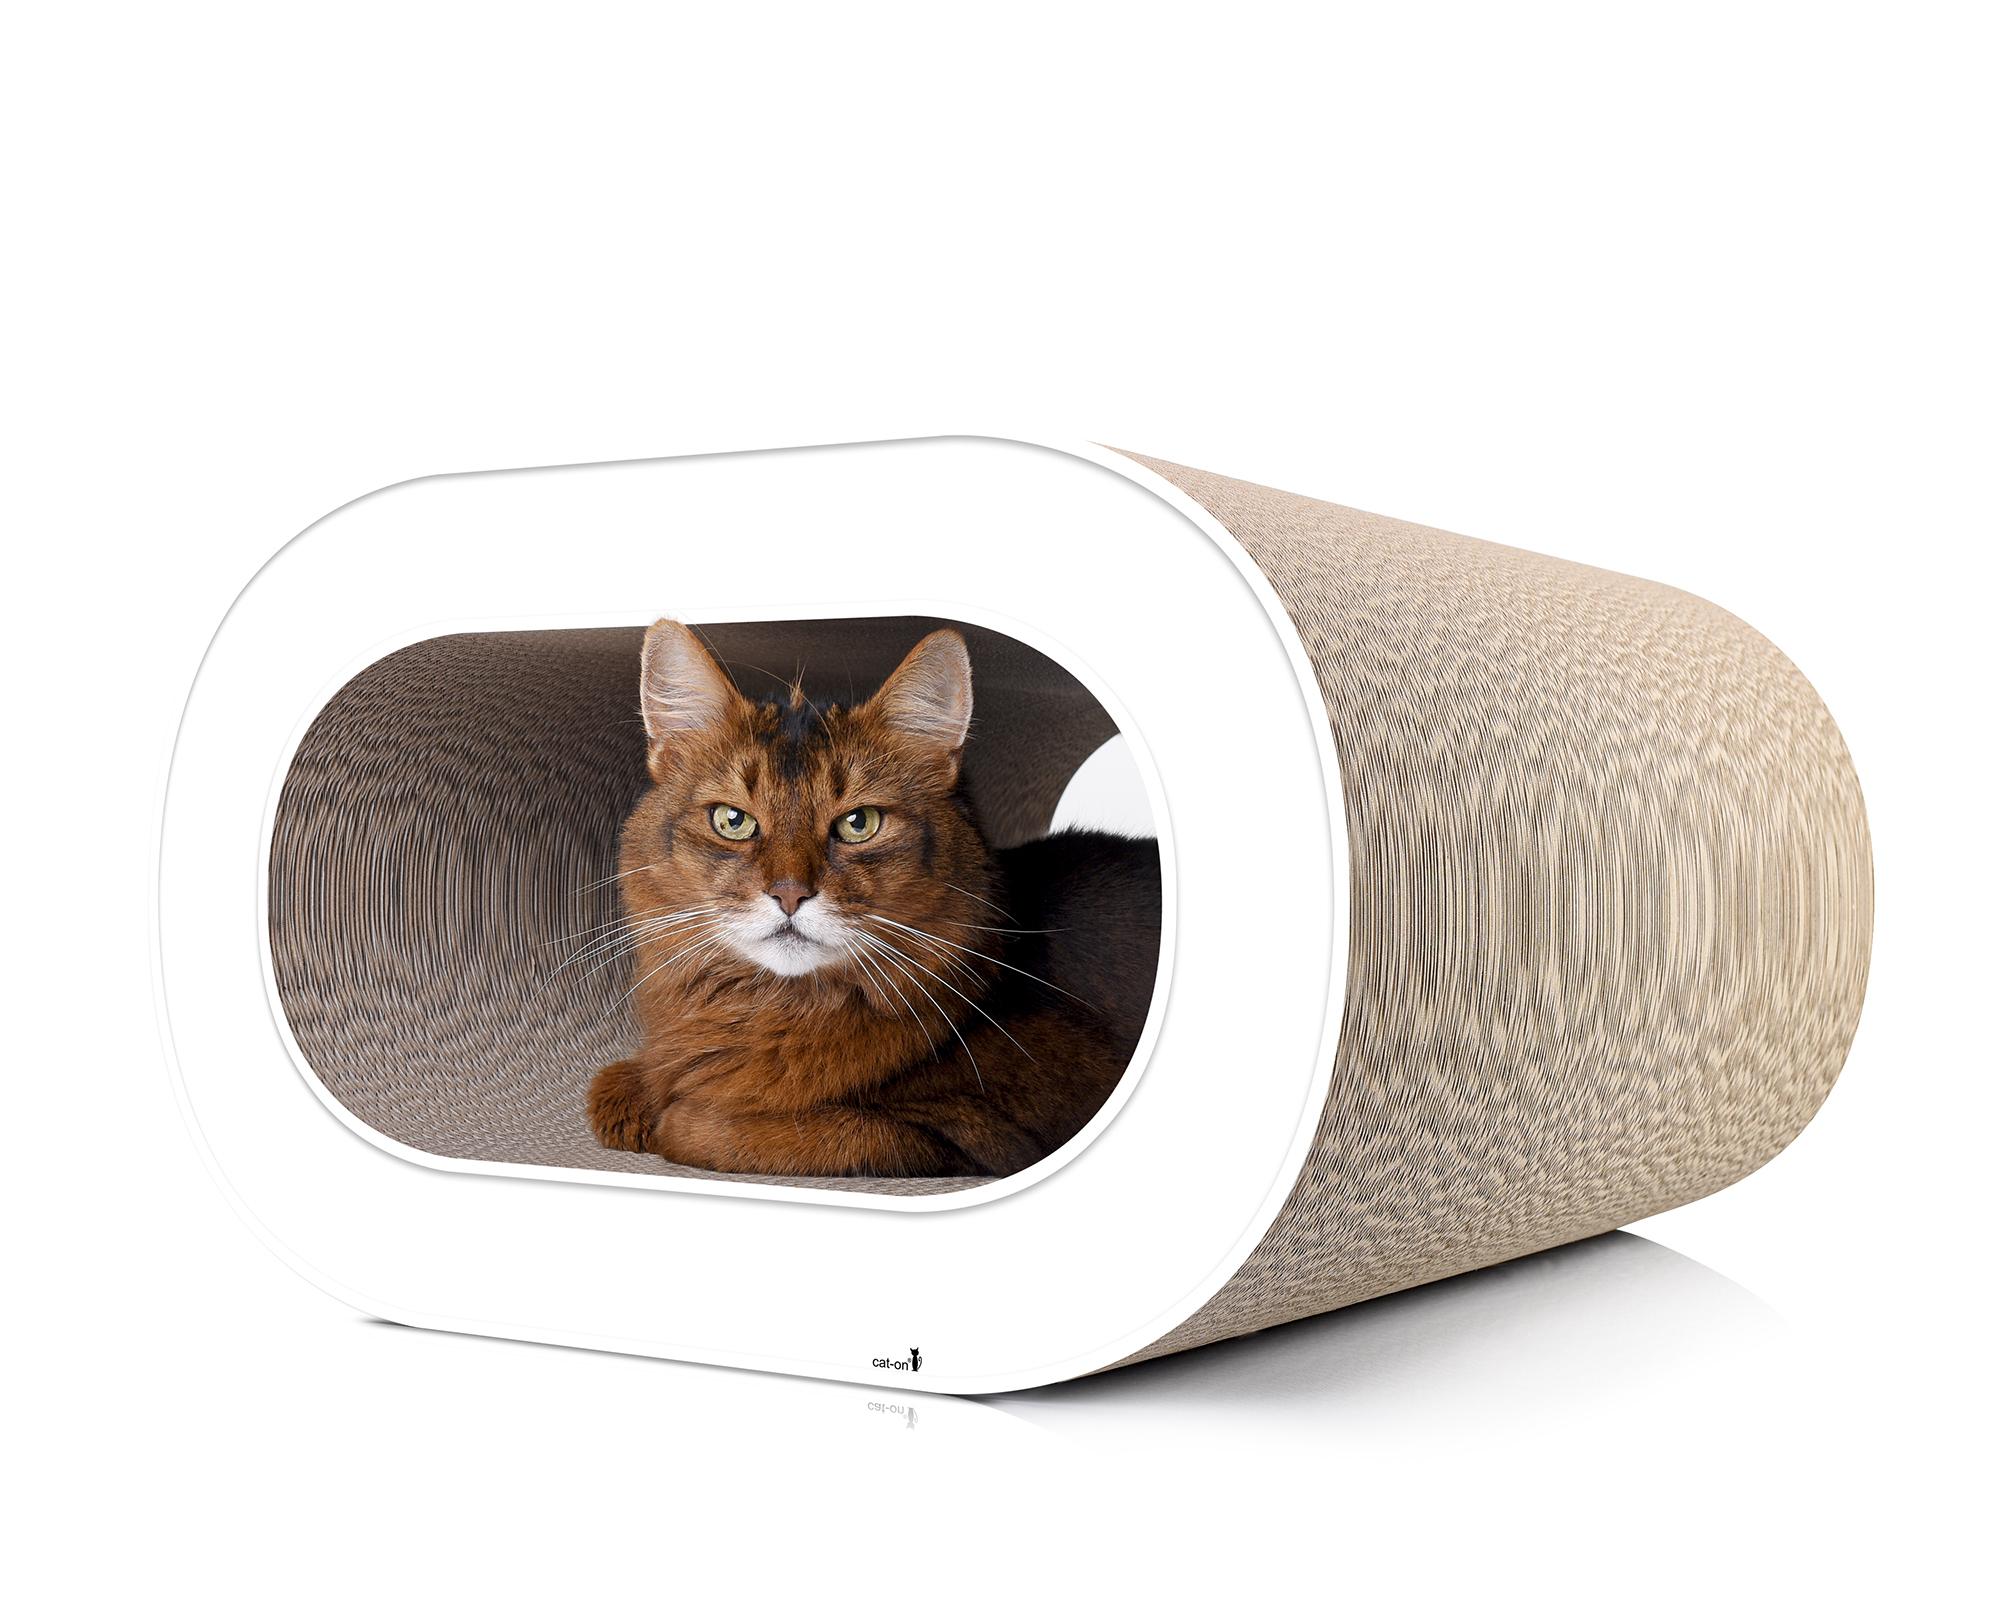 Le Tronc XL design cat scratcher